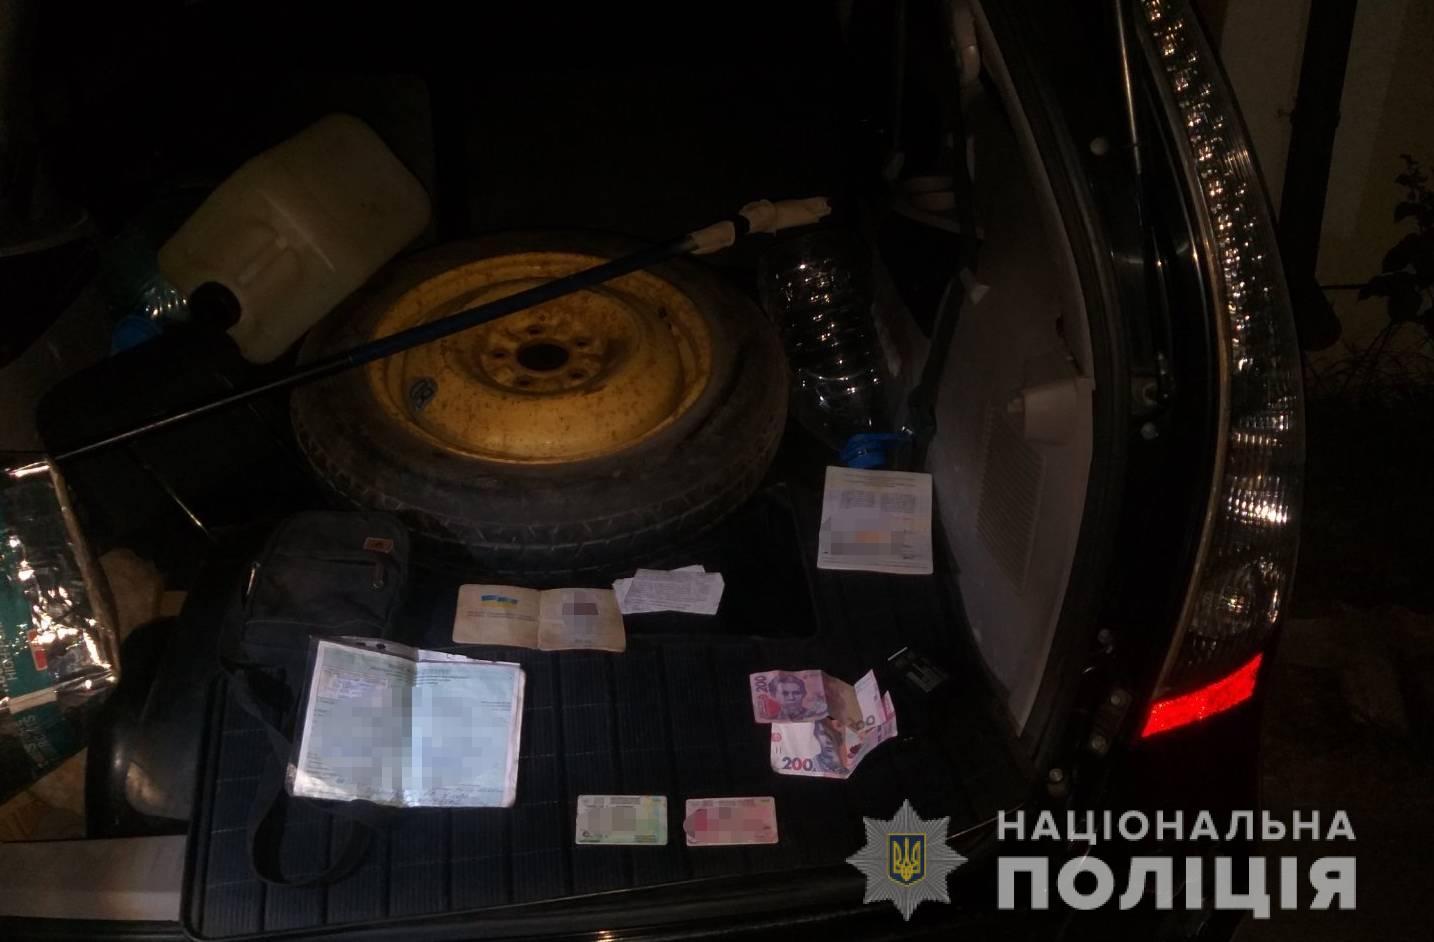 Четверо гадов хором напали и избили прохожего за деньги в Закарпатье